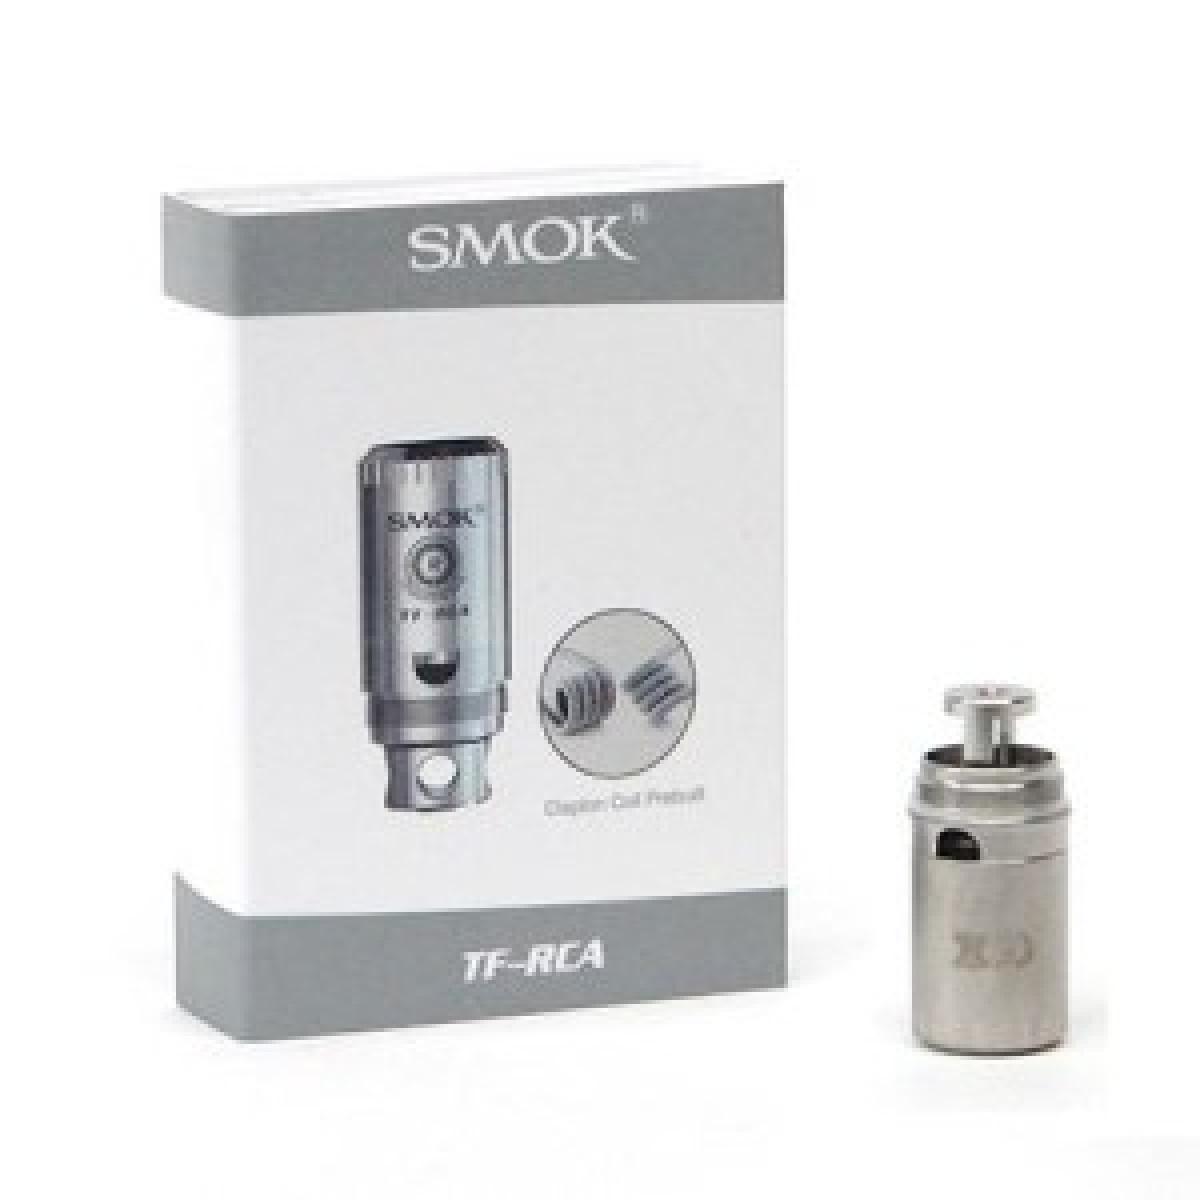 Smok TFV4 TF-RCA